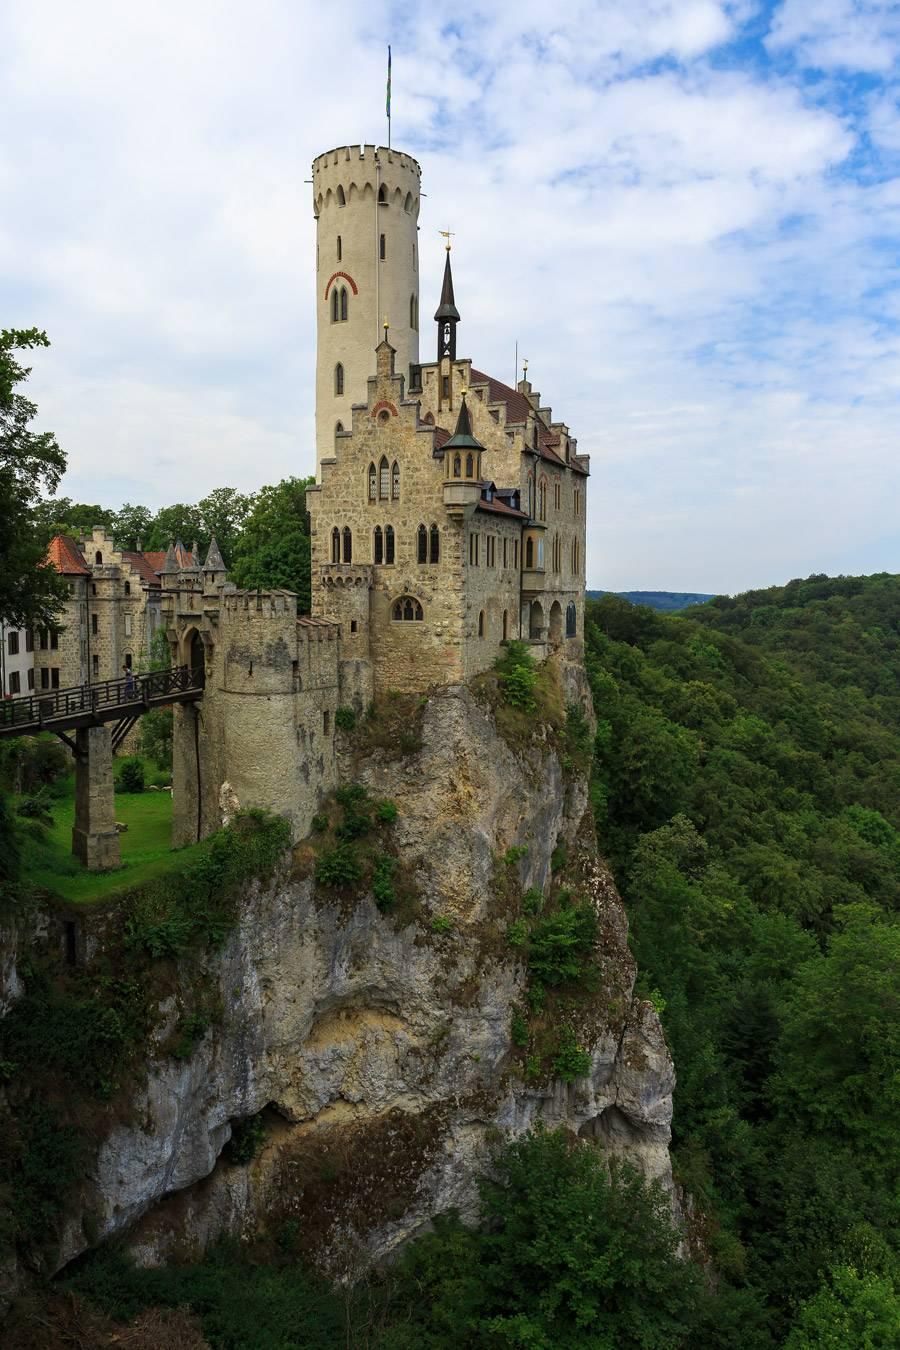 Замок бург эльц в германии – шедевр средневекового зодчества